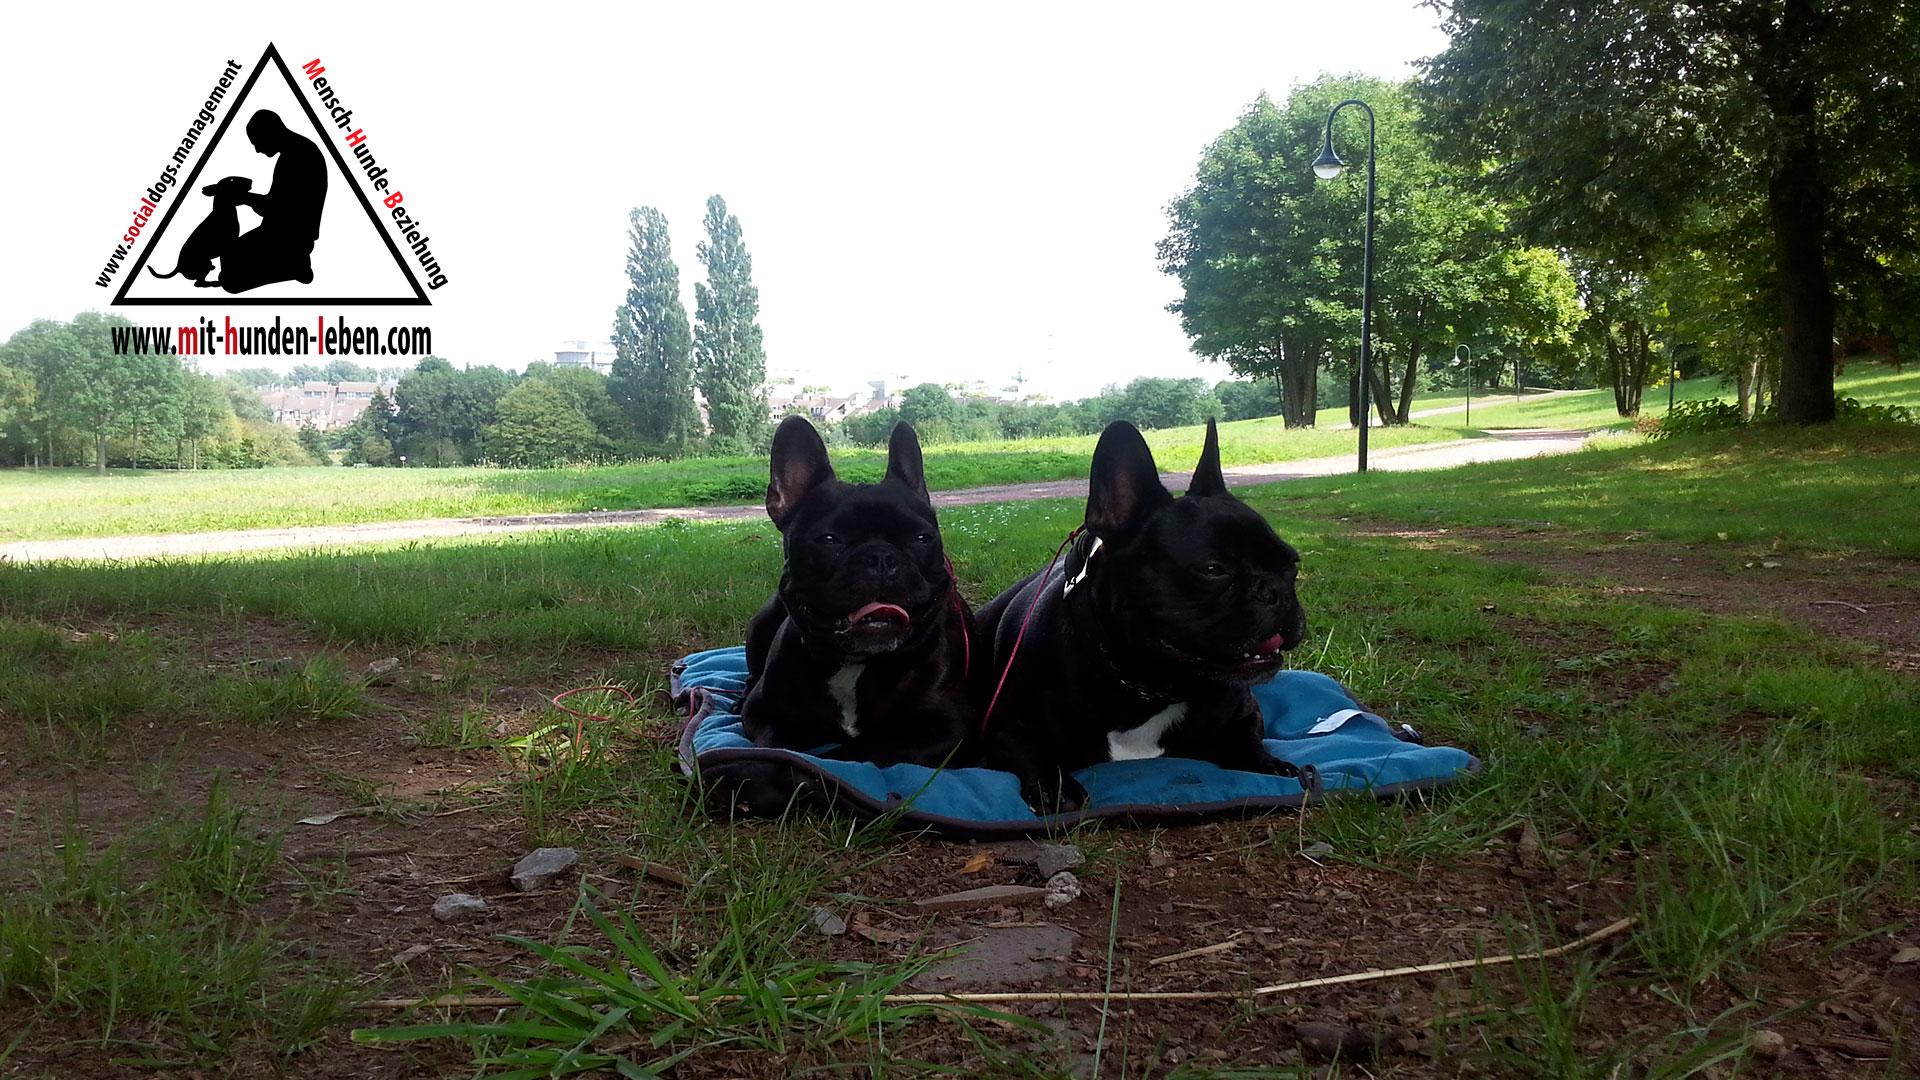 Zwei Bulldoggen Liegen Auf Einer Decke Und Halten Innere Ruhe